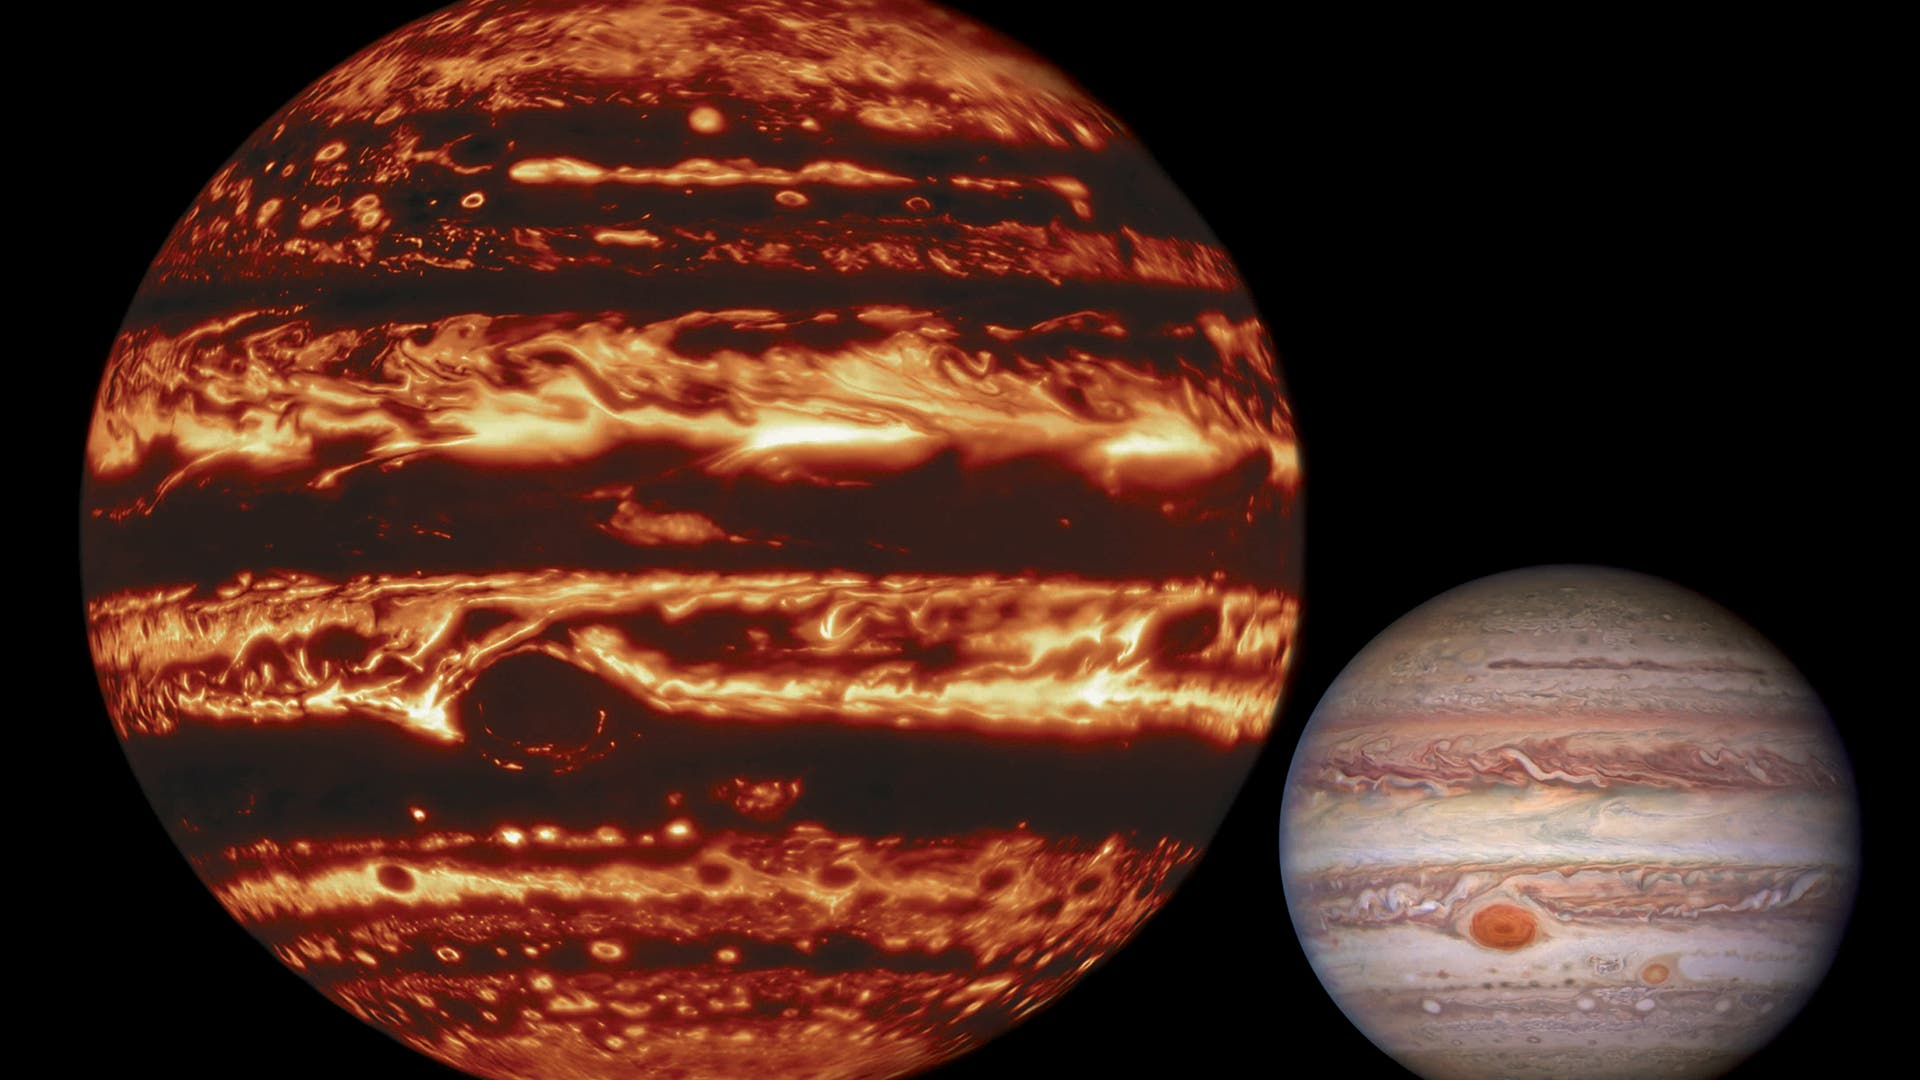 Stürmischer Jupiter im Infraroten und im sichtbaren Licht